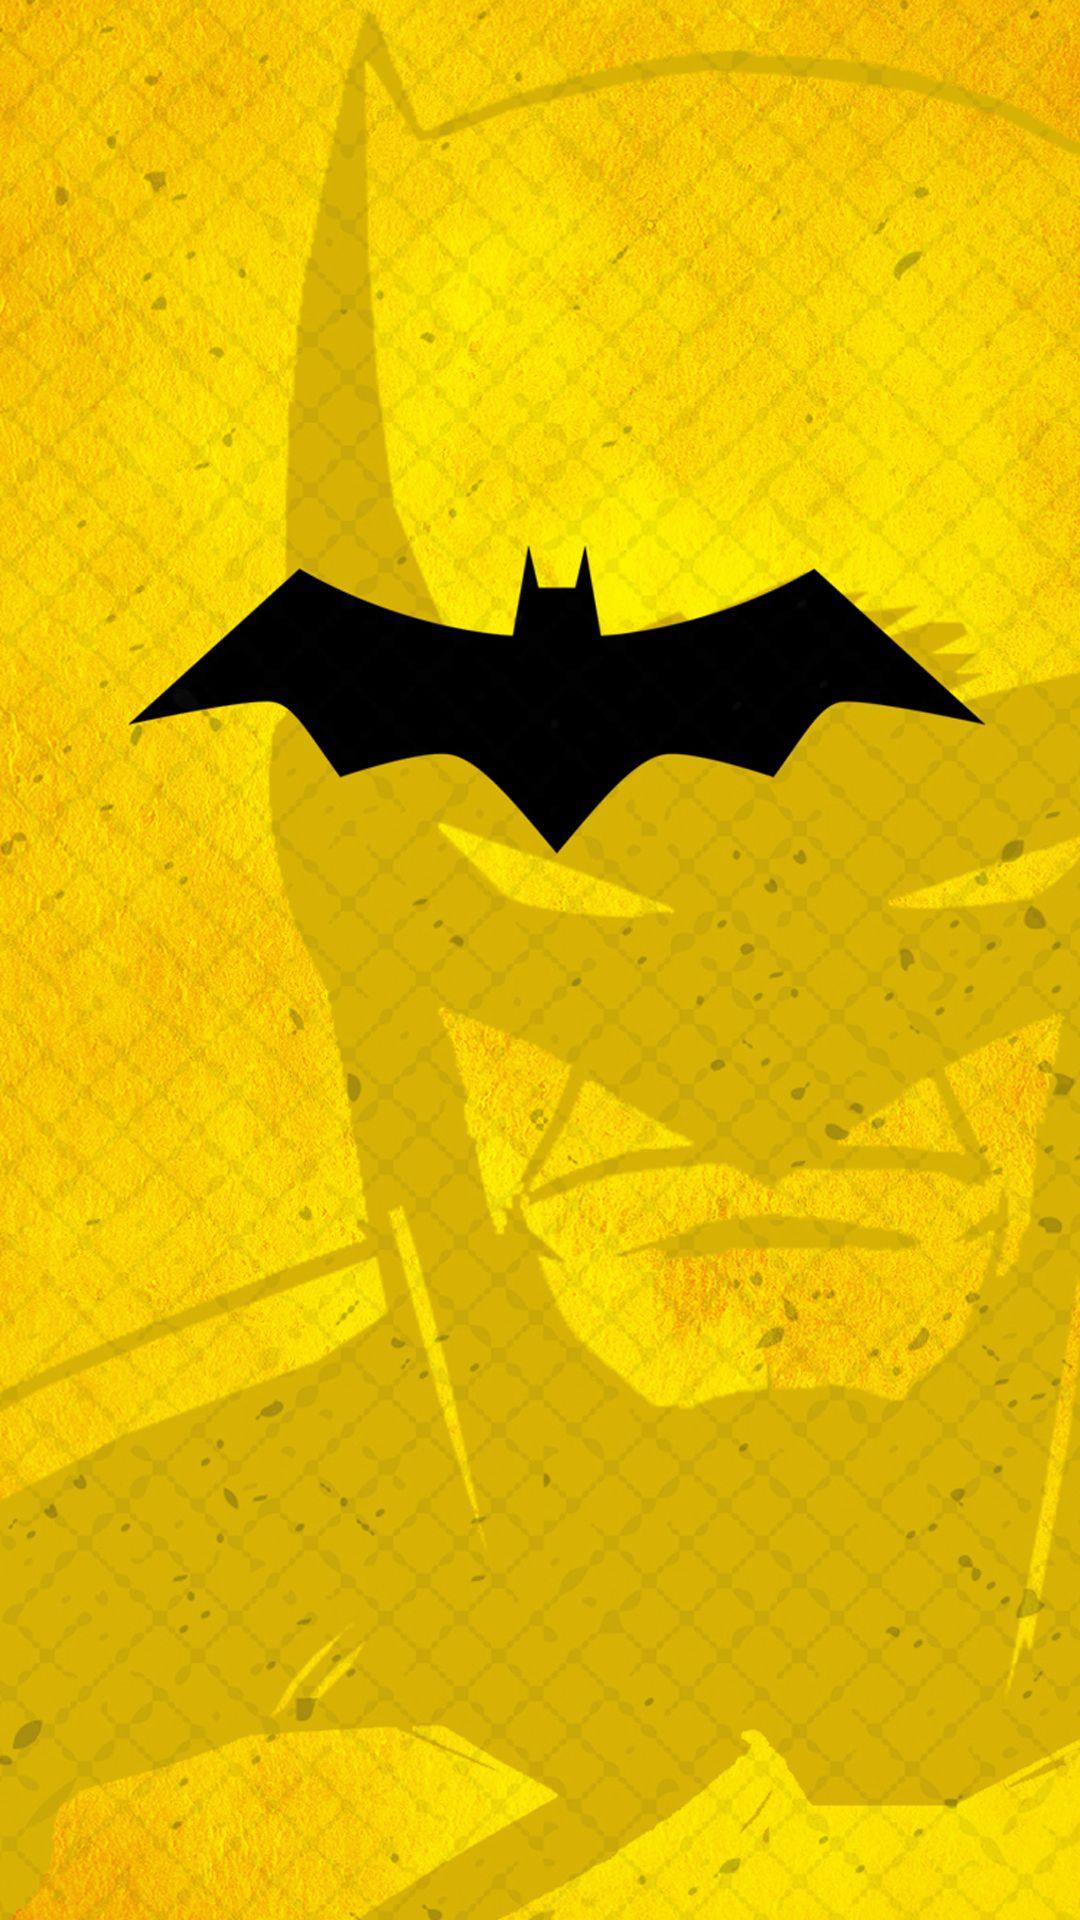 Batman 01 Iphone 6 Plus Batman Wallpaper Batman Art Batman Poster